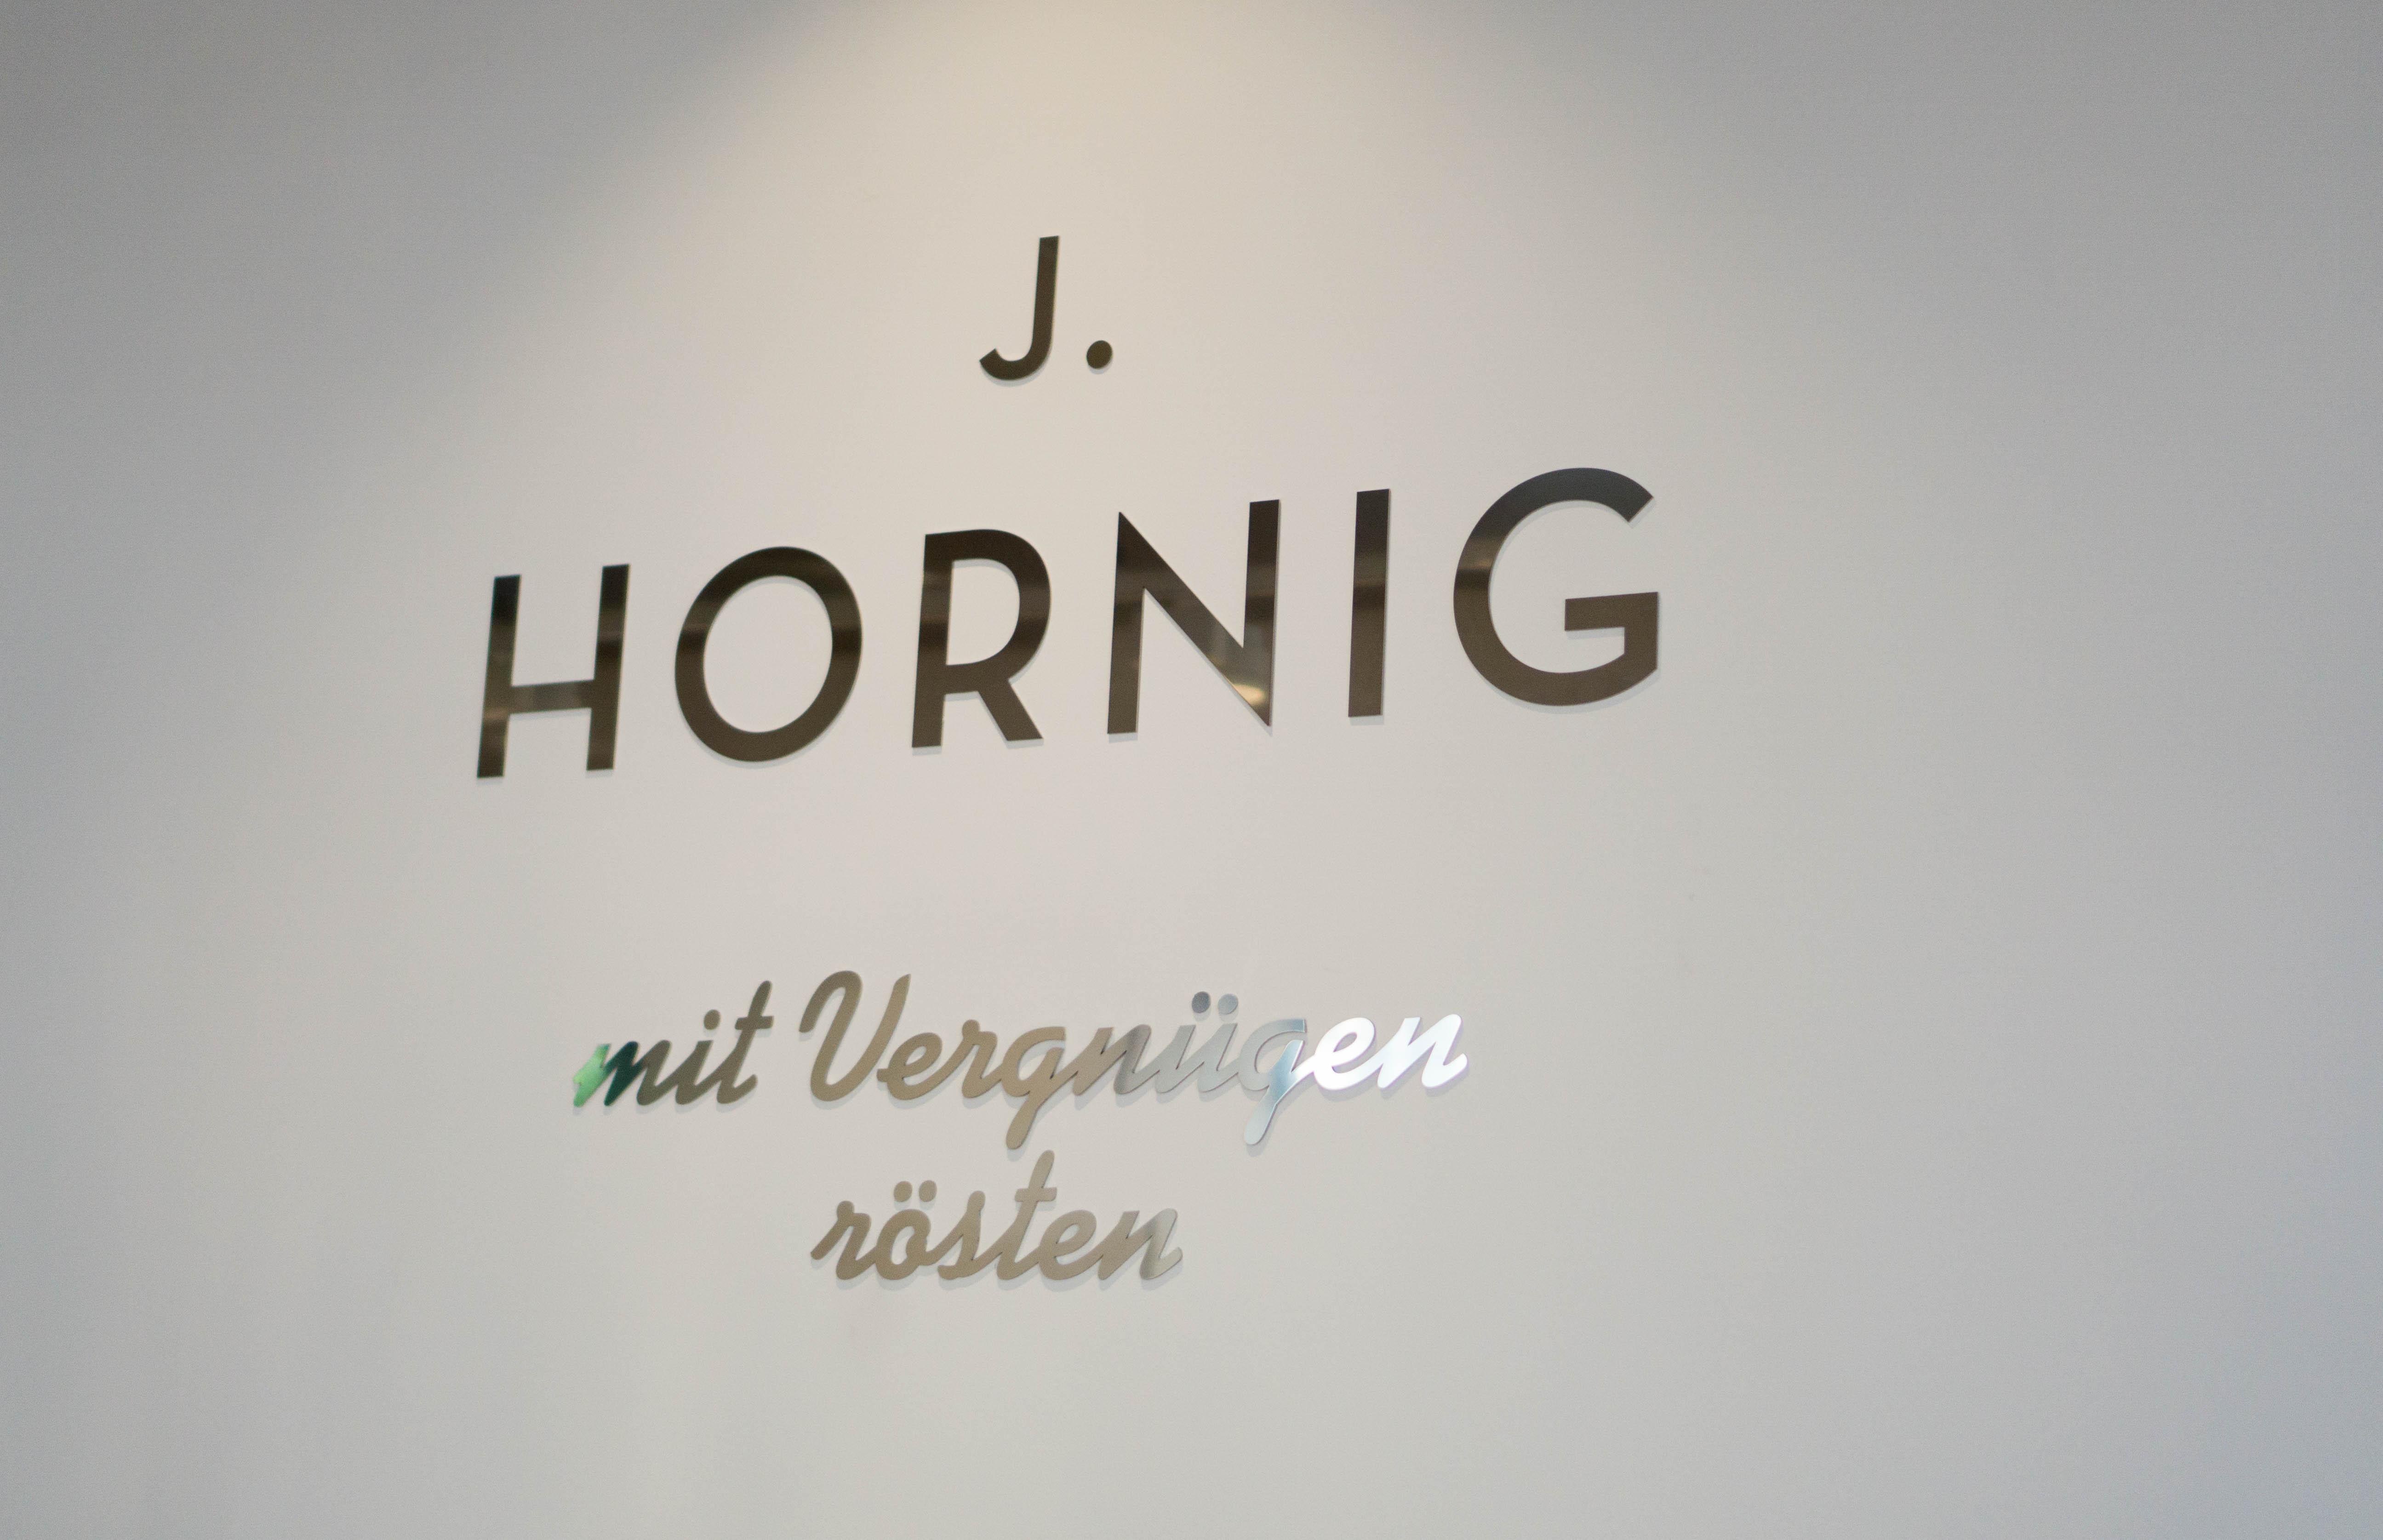 jhornig-6